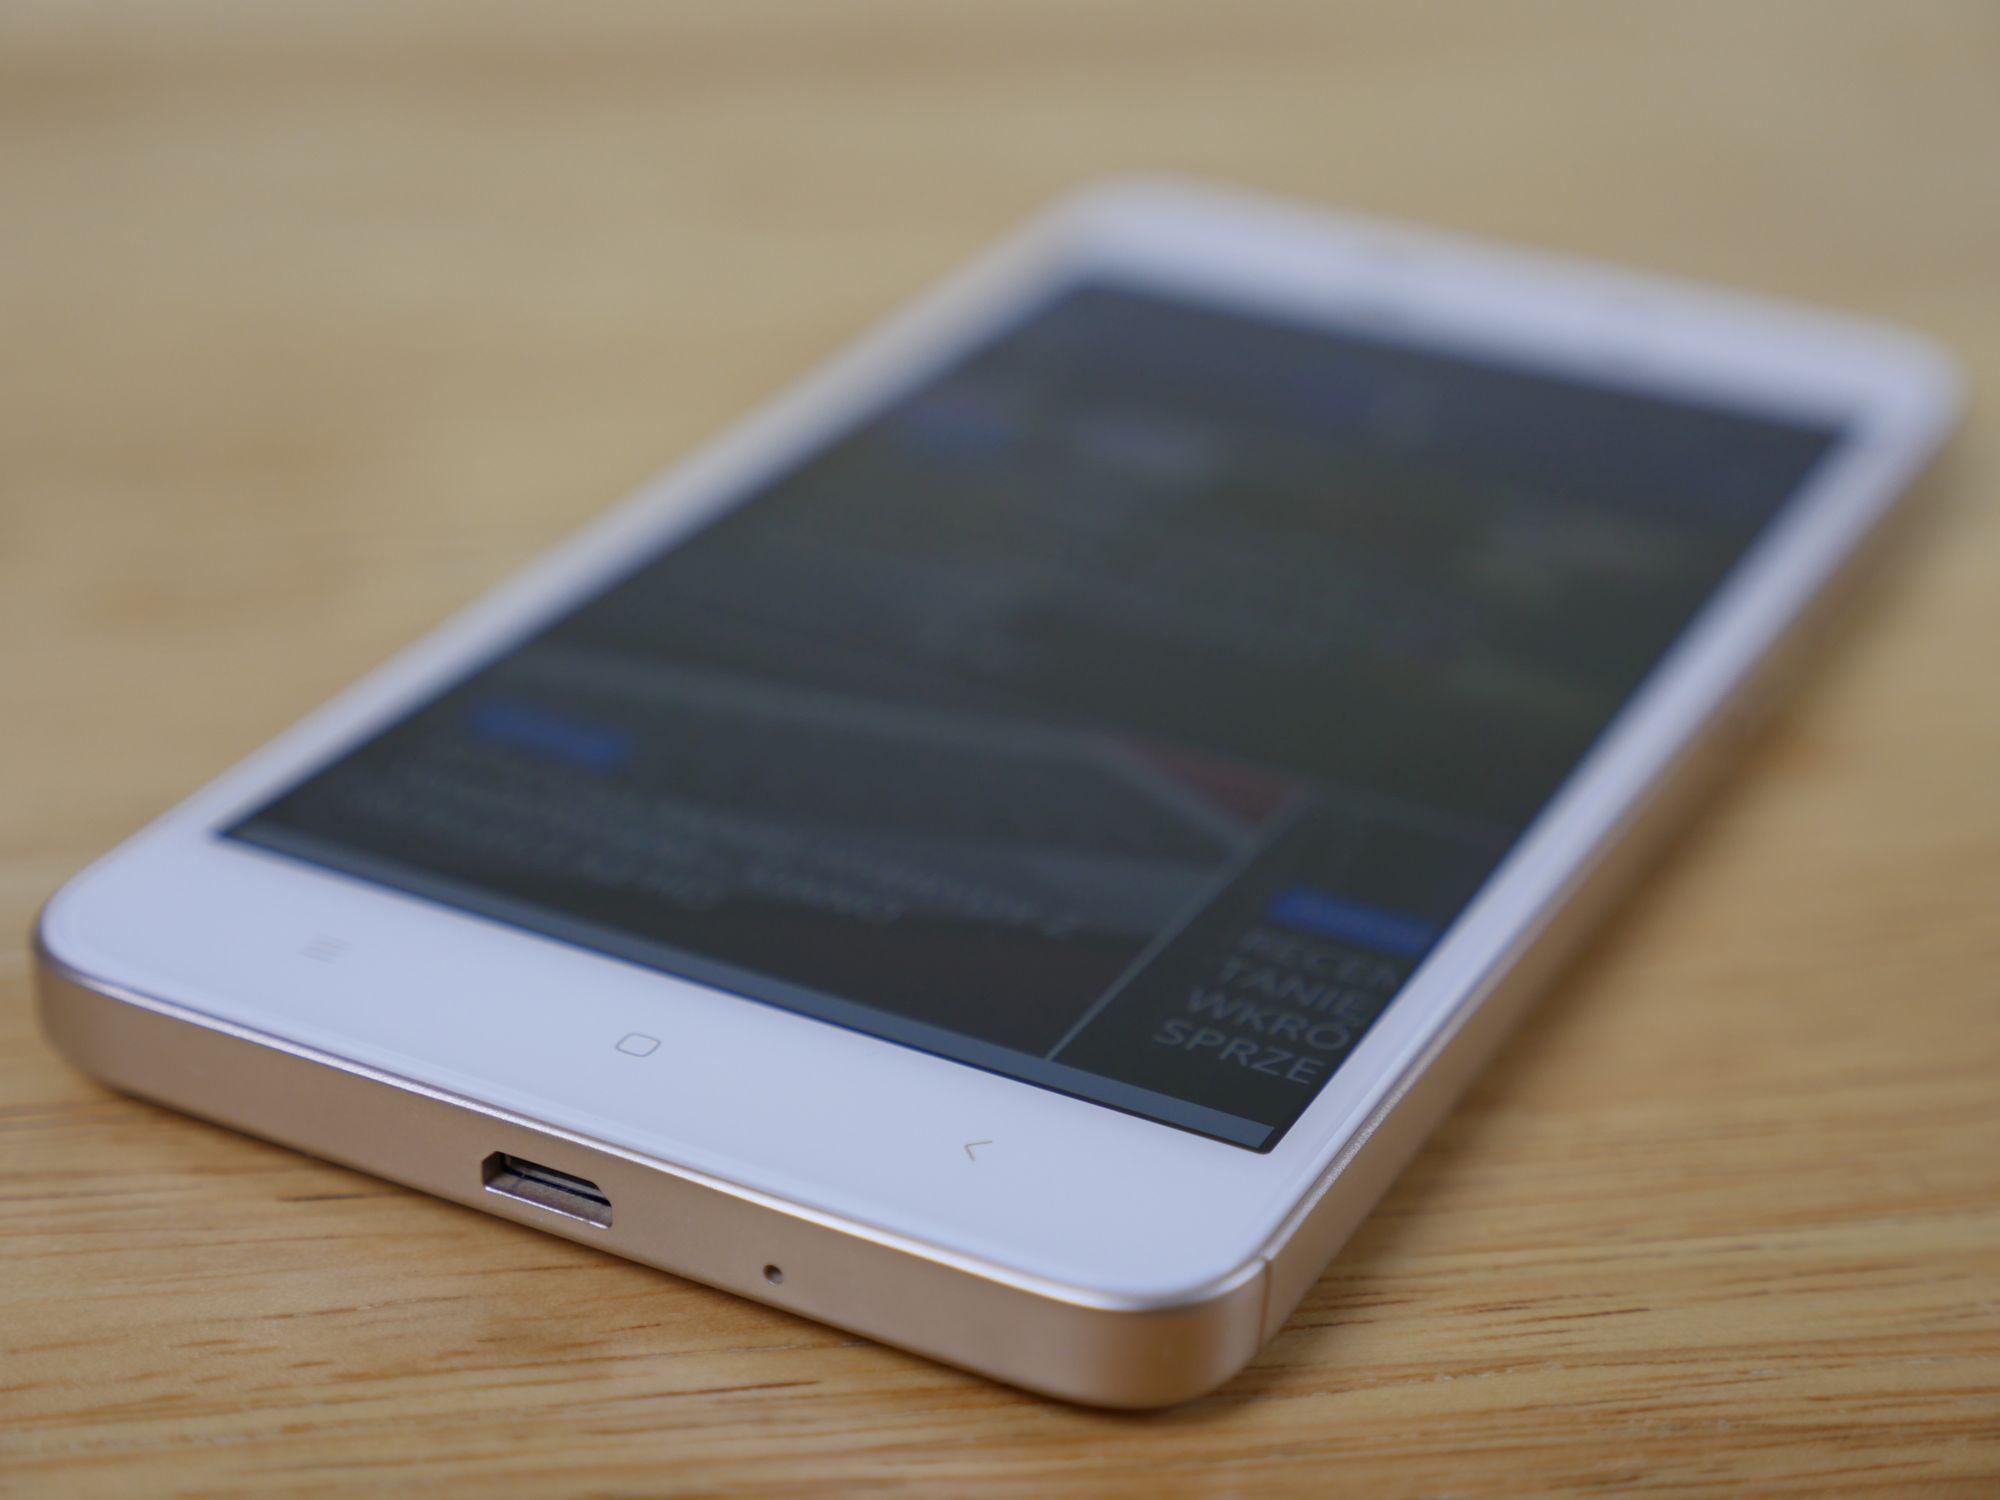 Recenzja Xiaomi Redmi 4a 2 16gb Gold Android Recenzje Smartfony Zapowiedzi